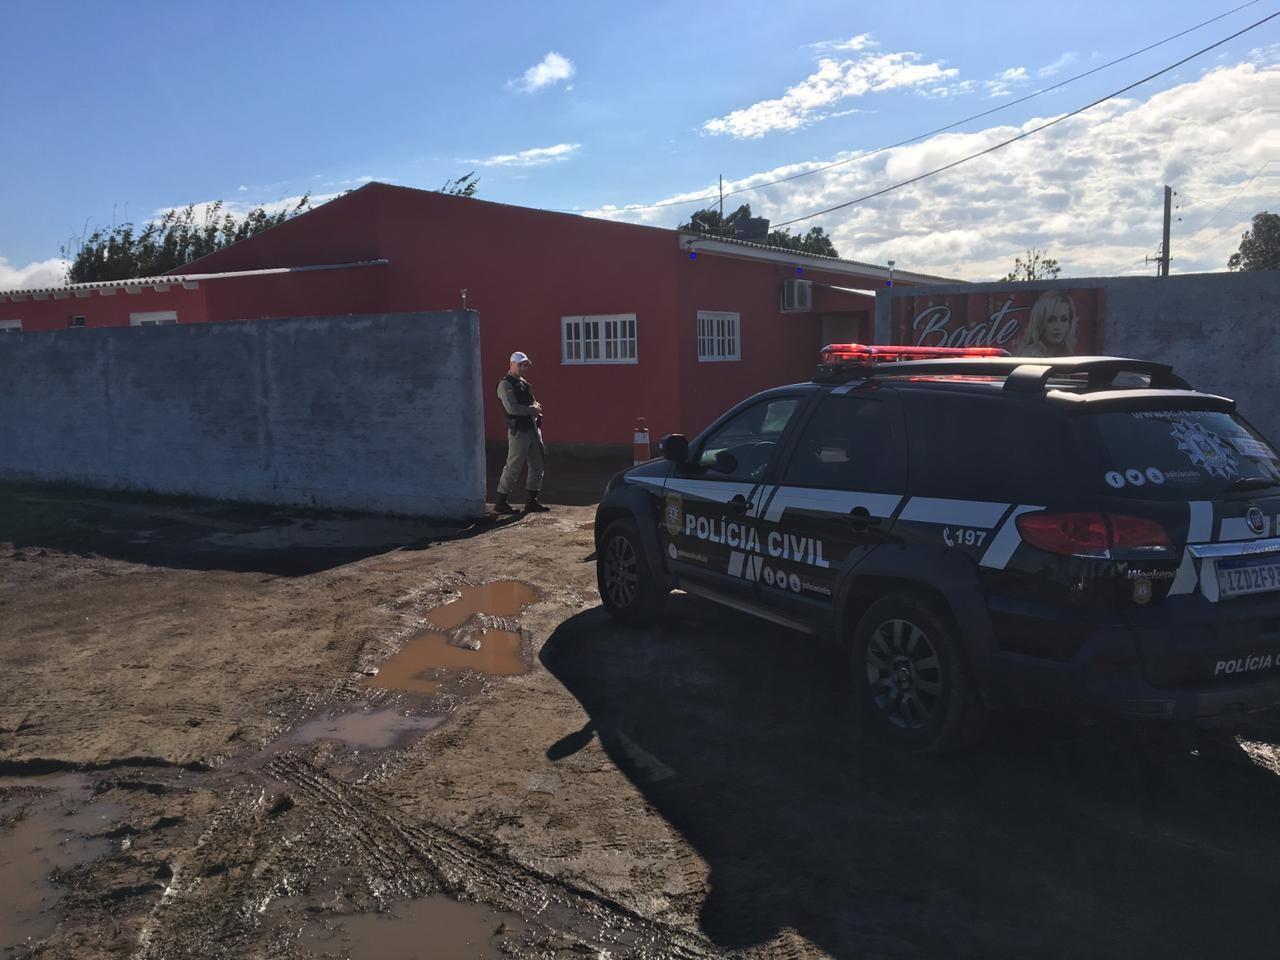 Polícia Civil anuncia prisão de três pessoas que participaram de chacina em boate de Mostardas  - Notícias - Plantão Diário